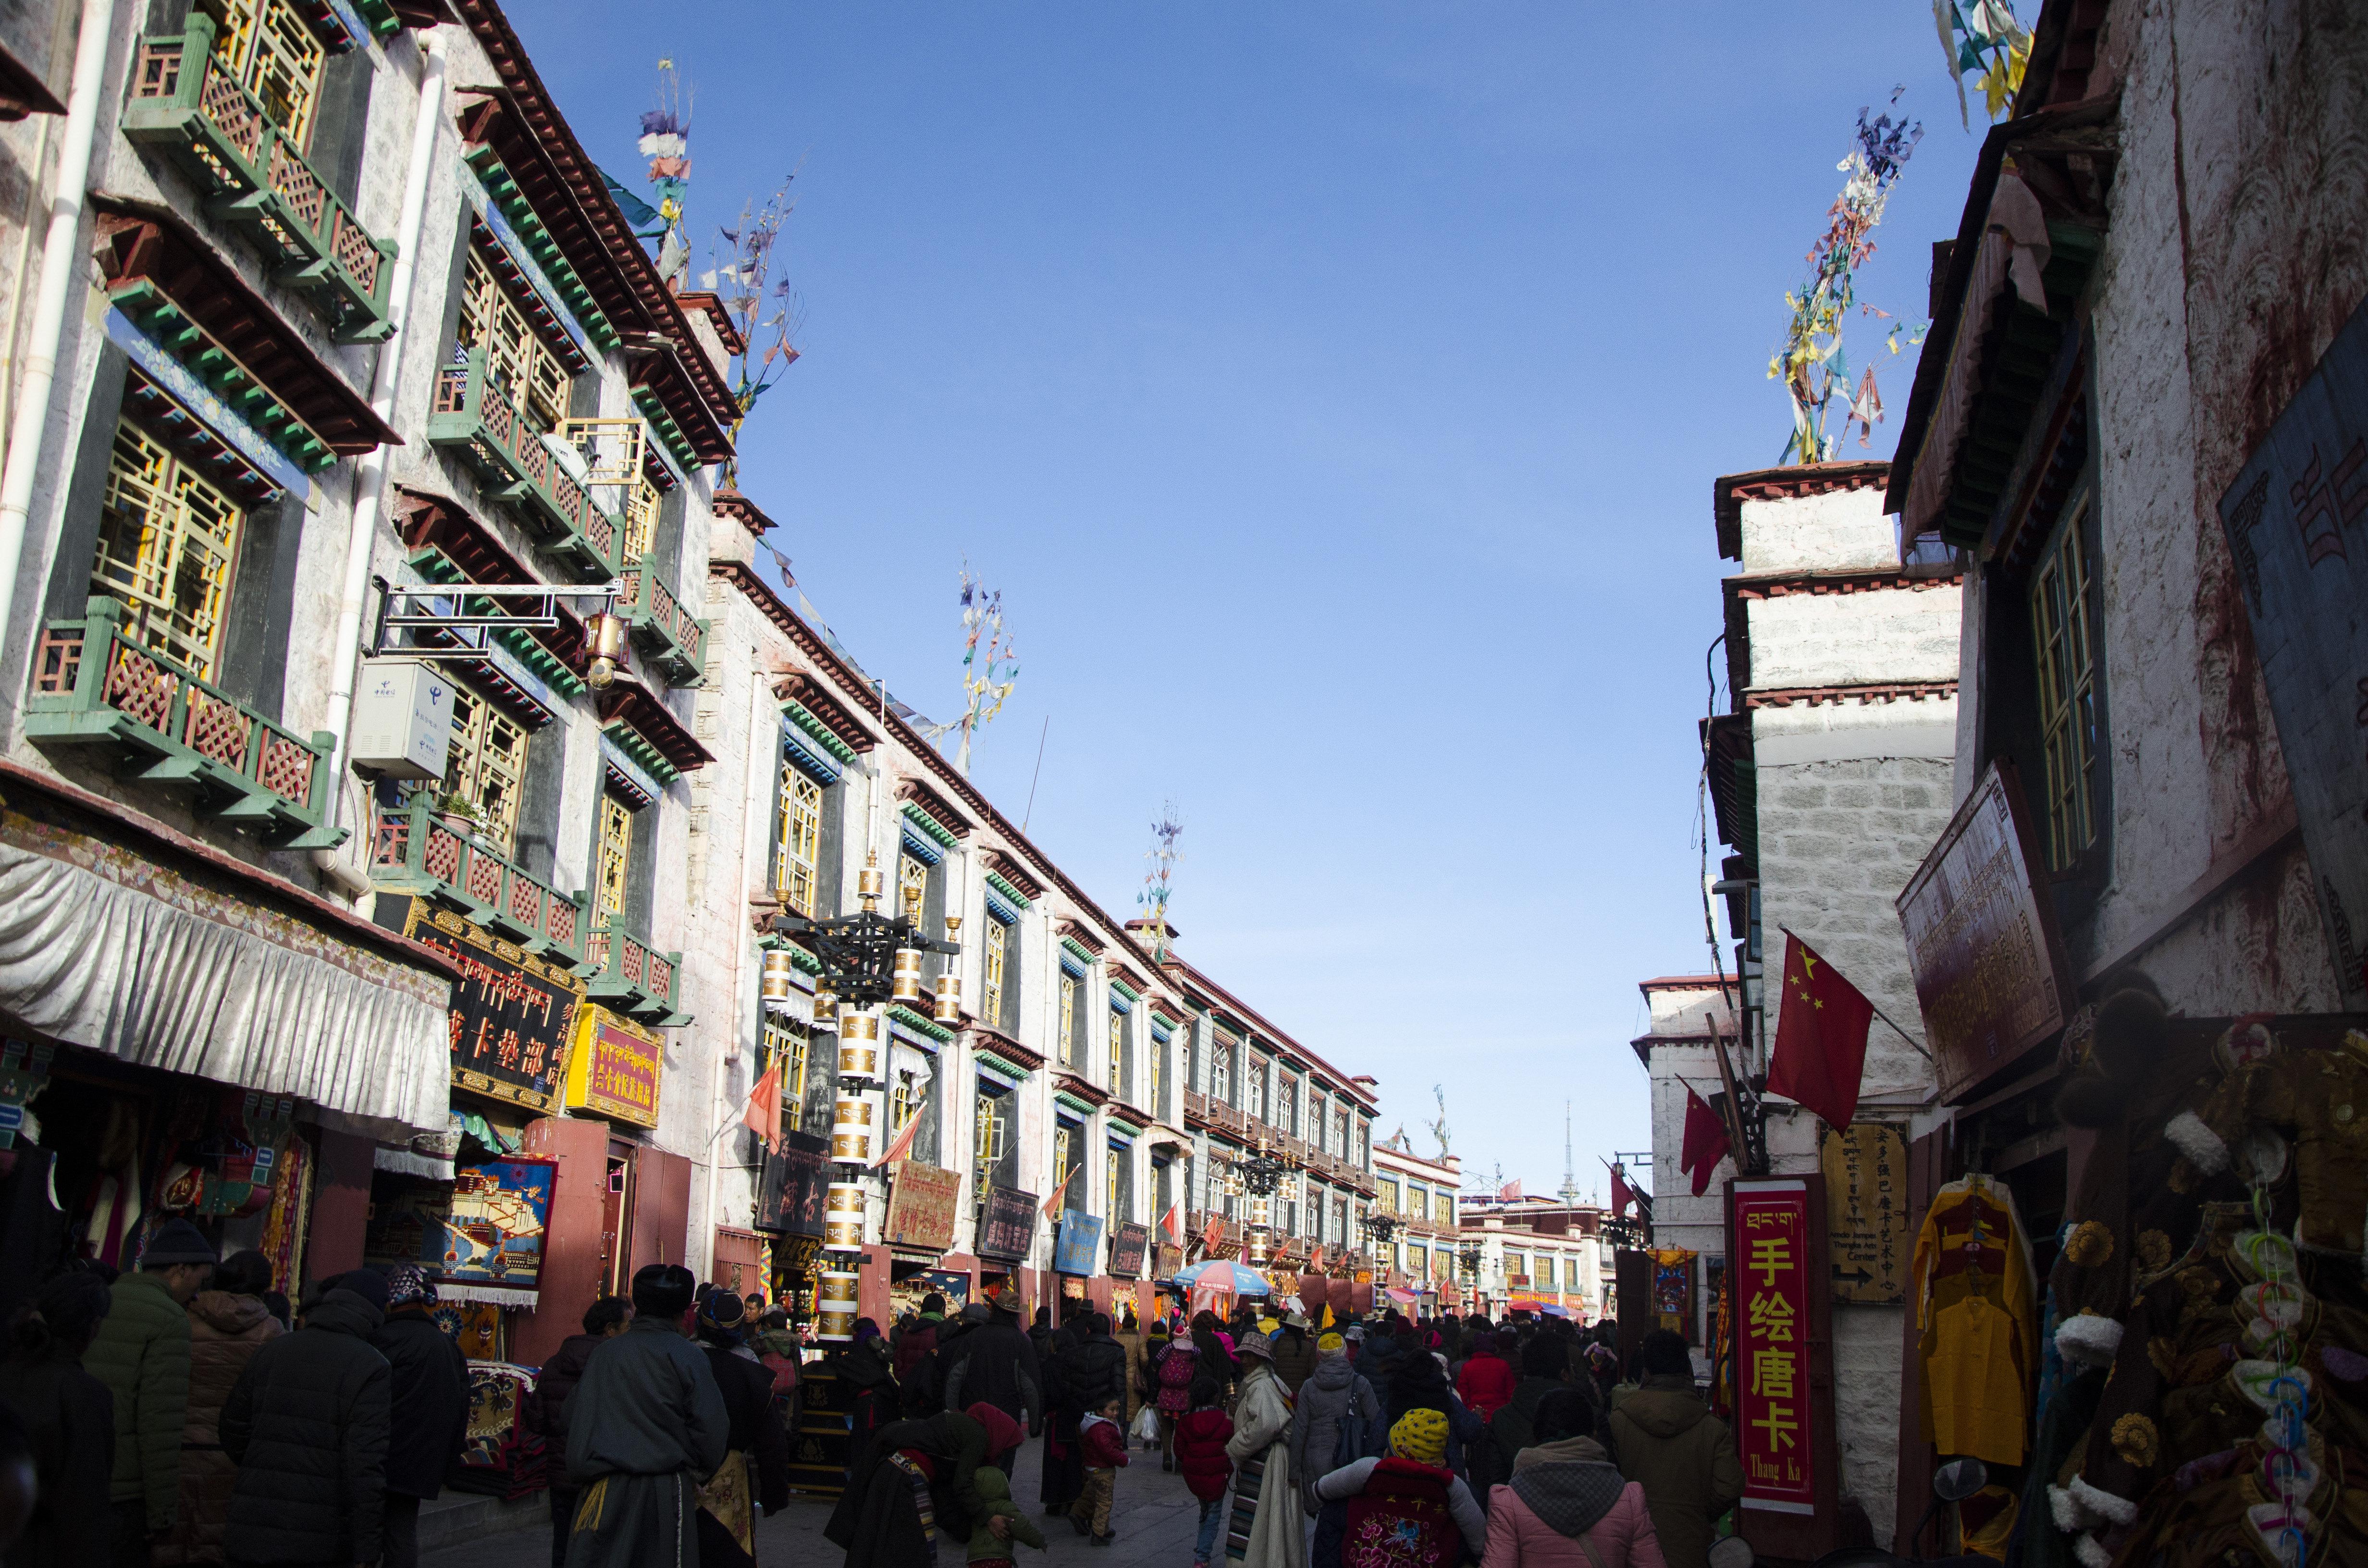 拉萨市八廓街_八廓街又名八角街,是大昭寺外围的一条重要商业街,也是拉萨市最著名的